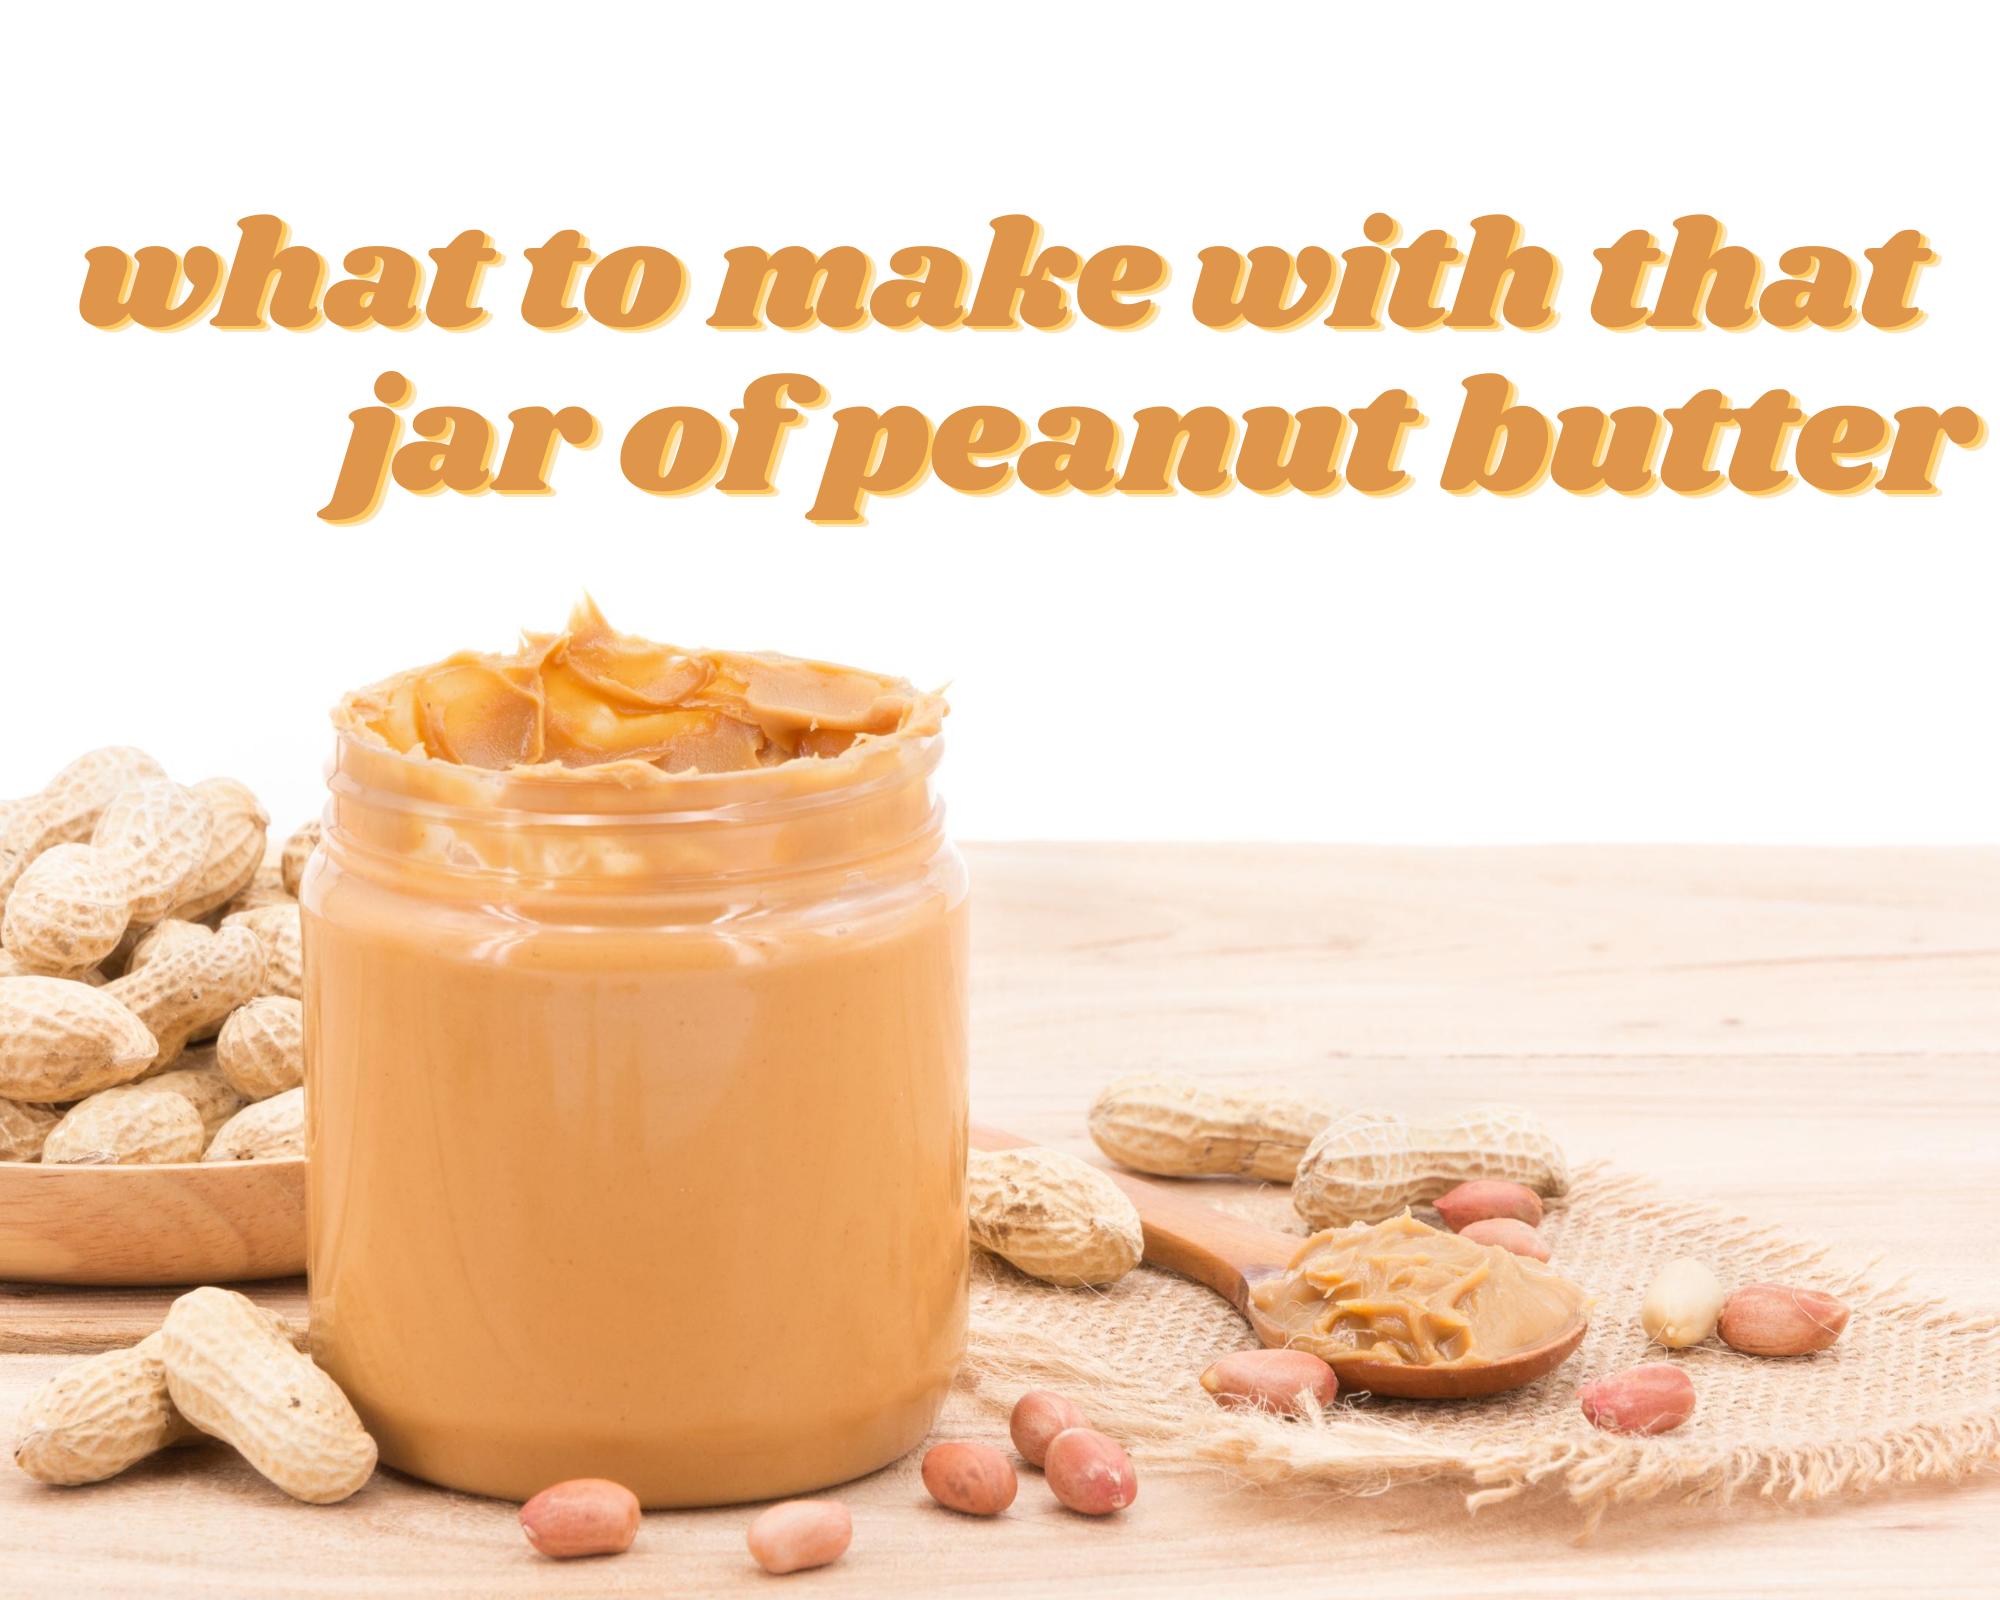 An open jar of peanut butter